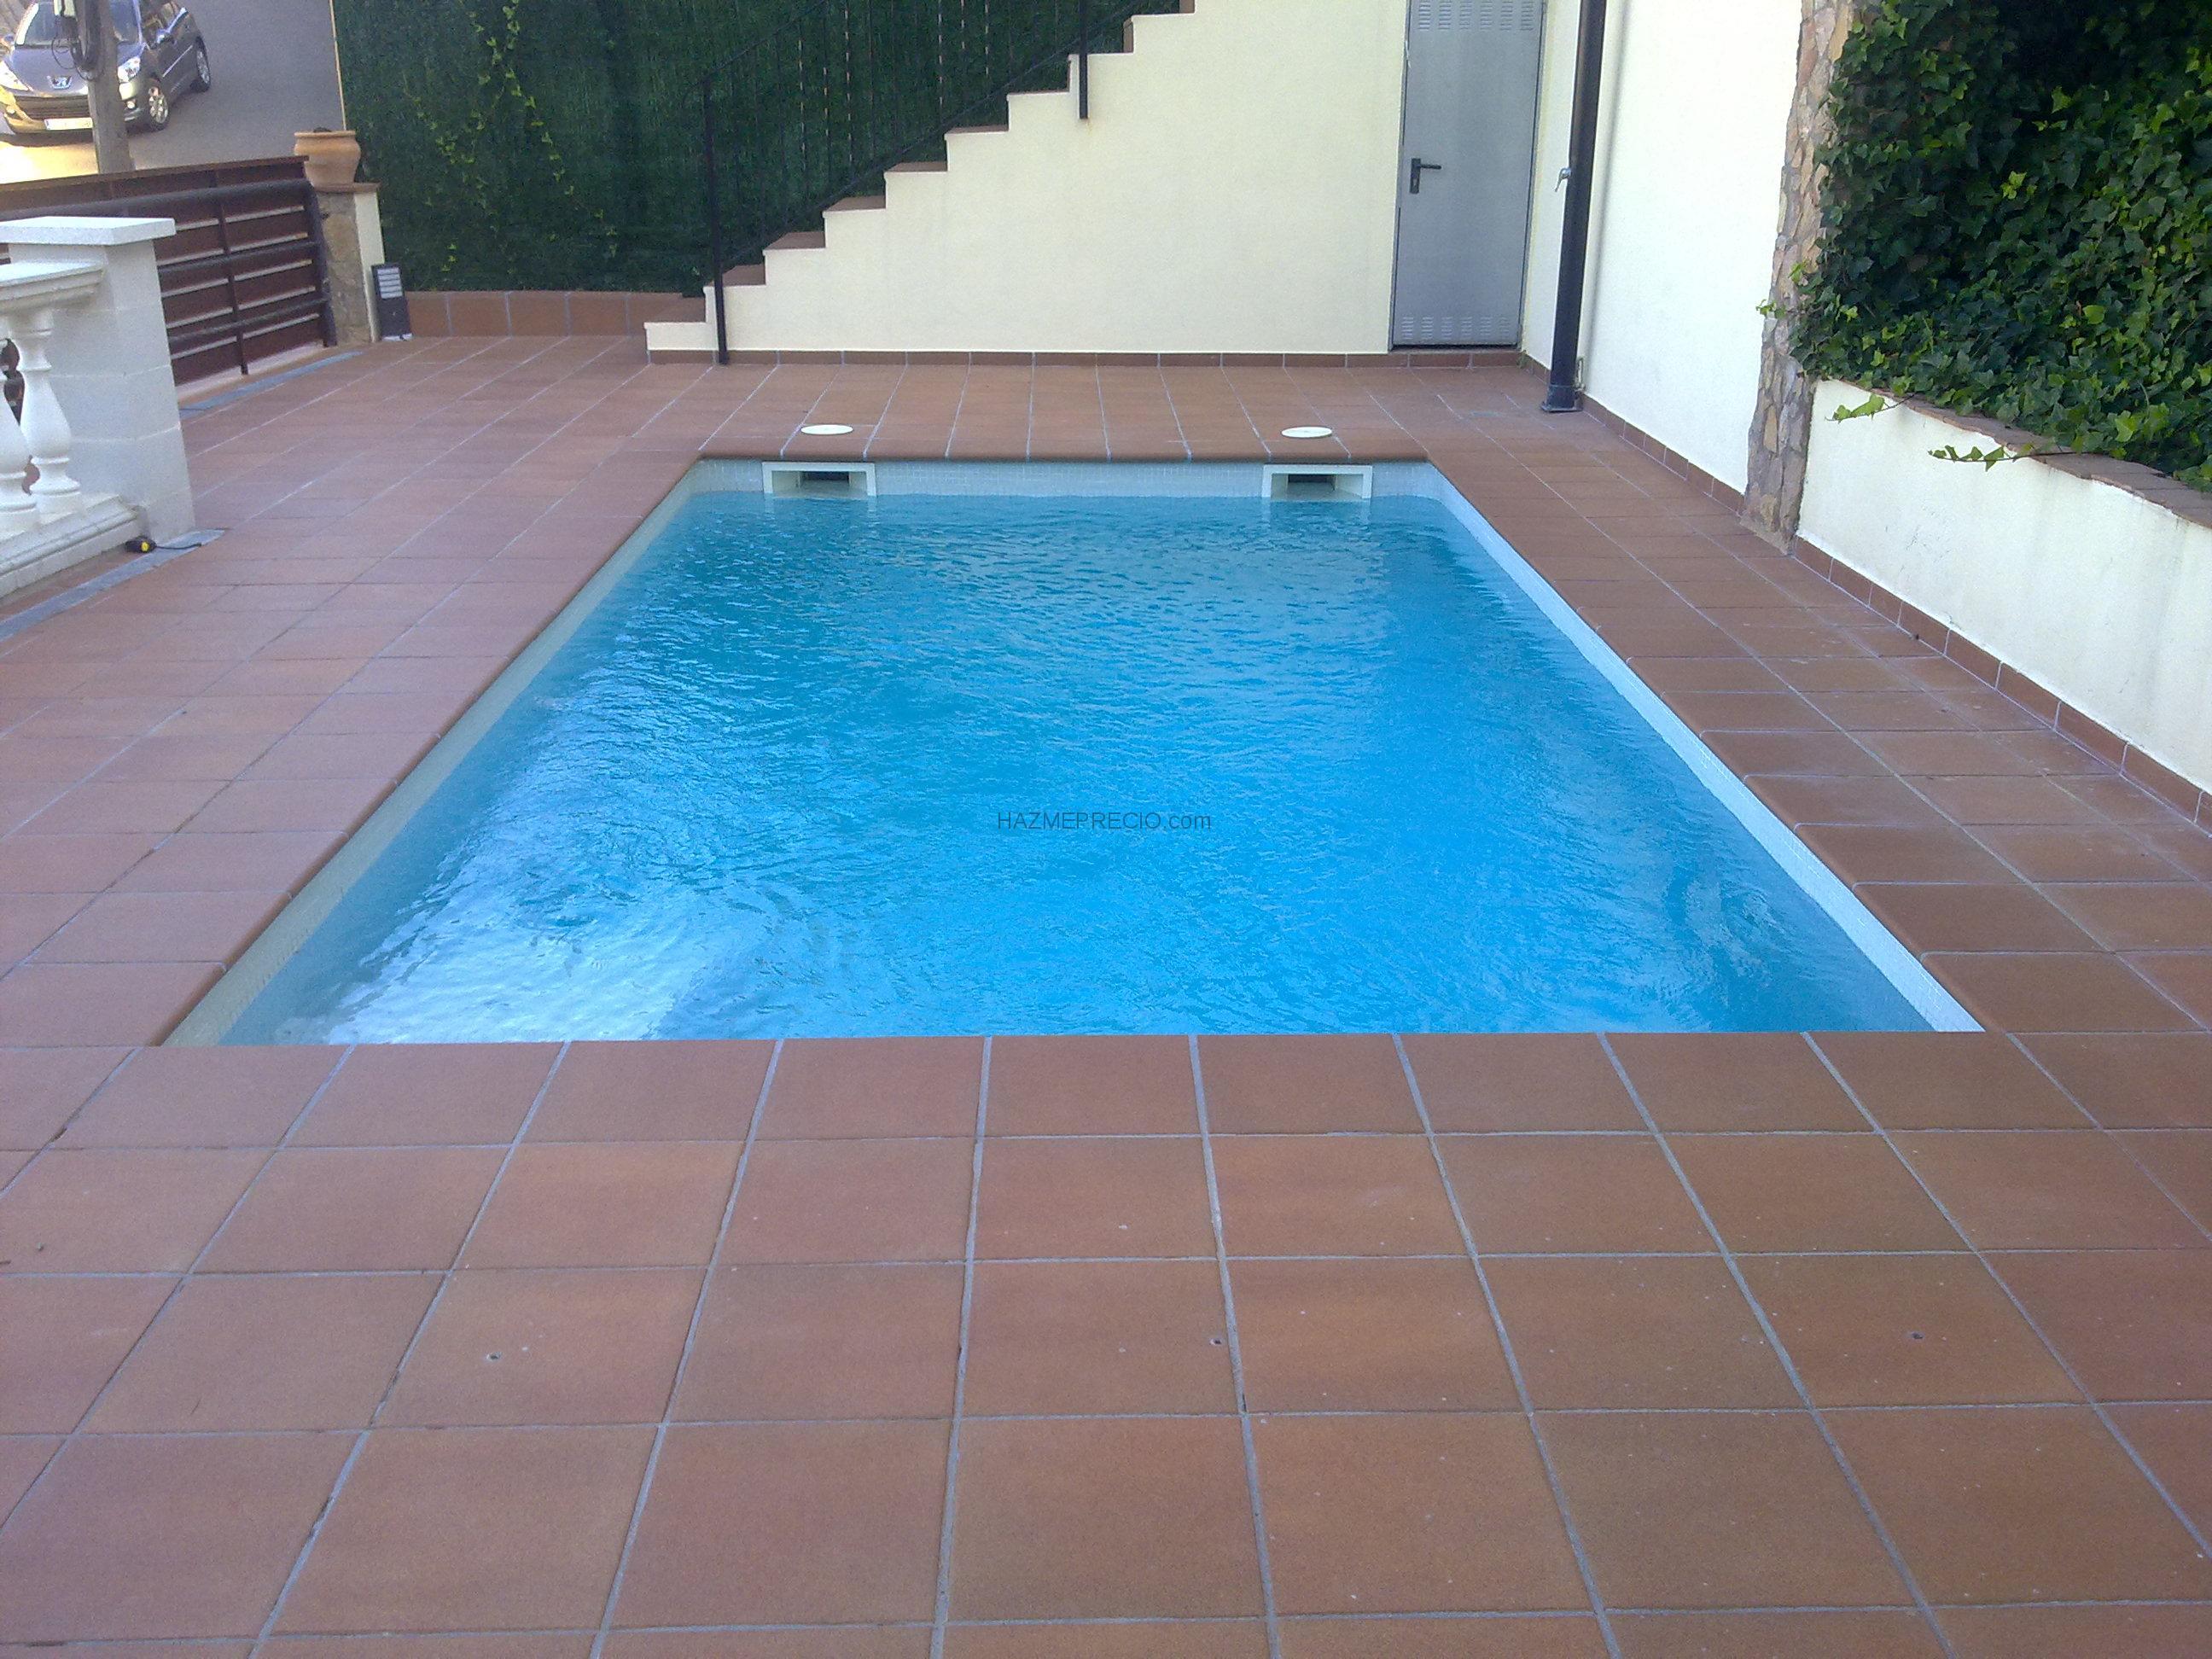 Precio de piscinas de obra top vallas with precio de - Precios piscinas de obra ...